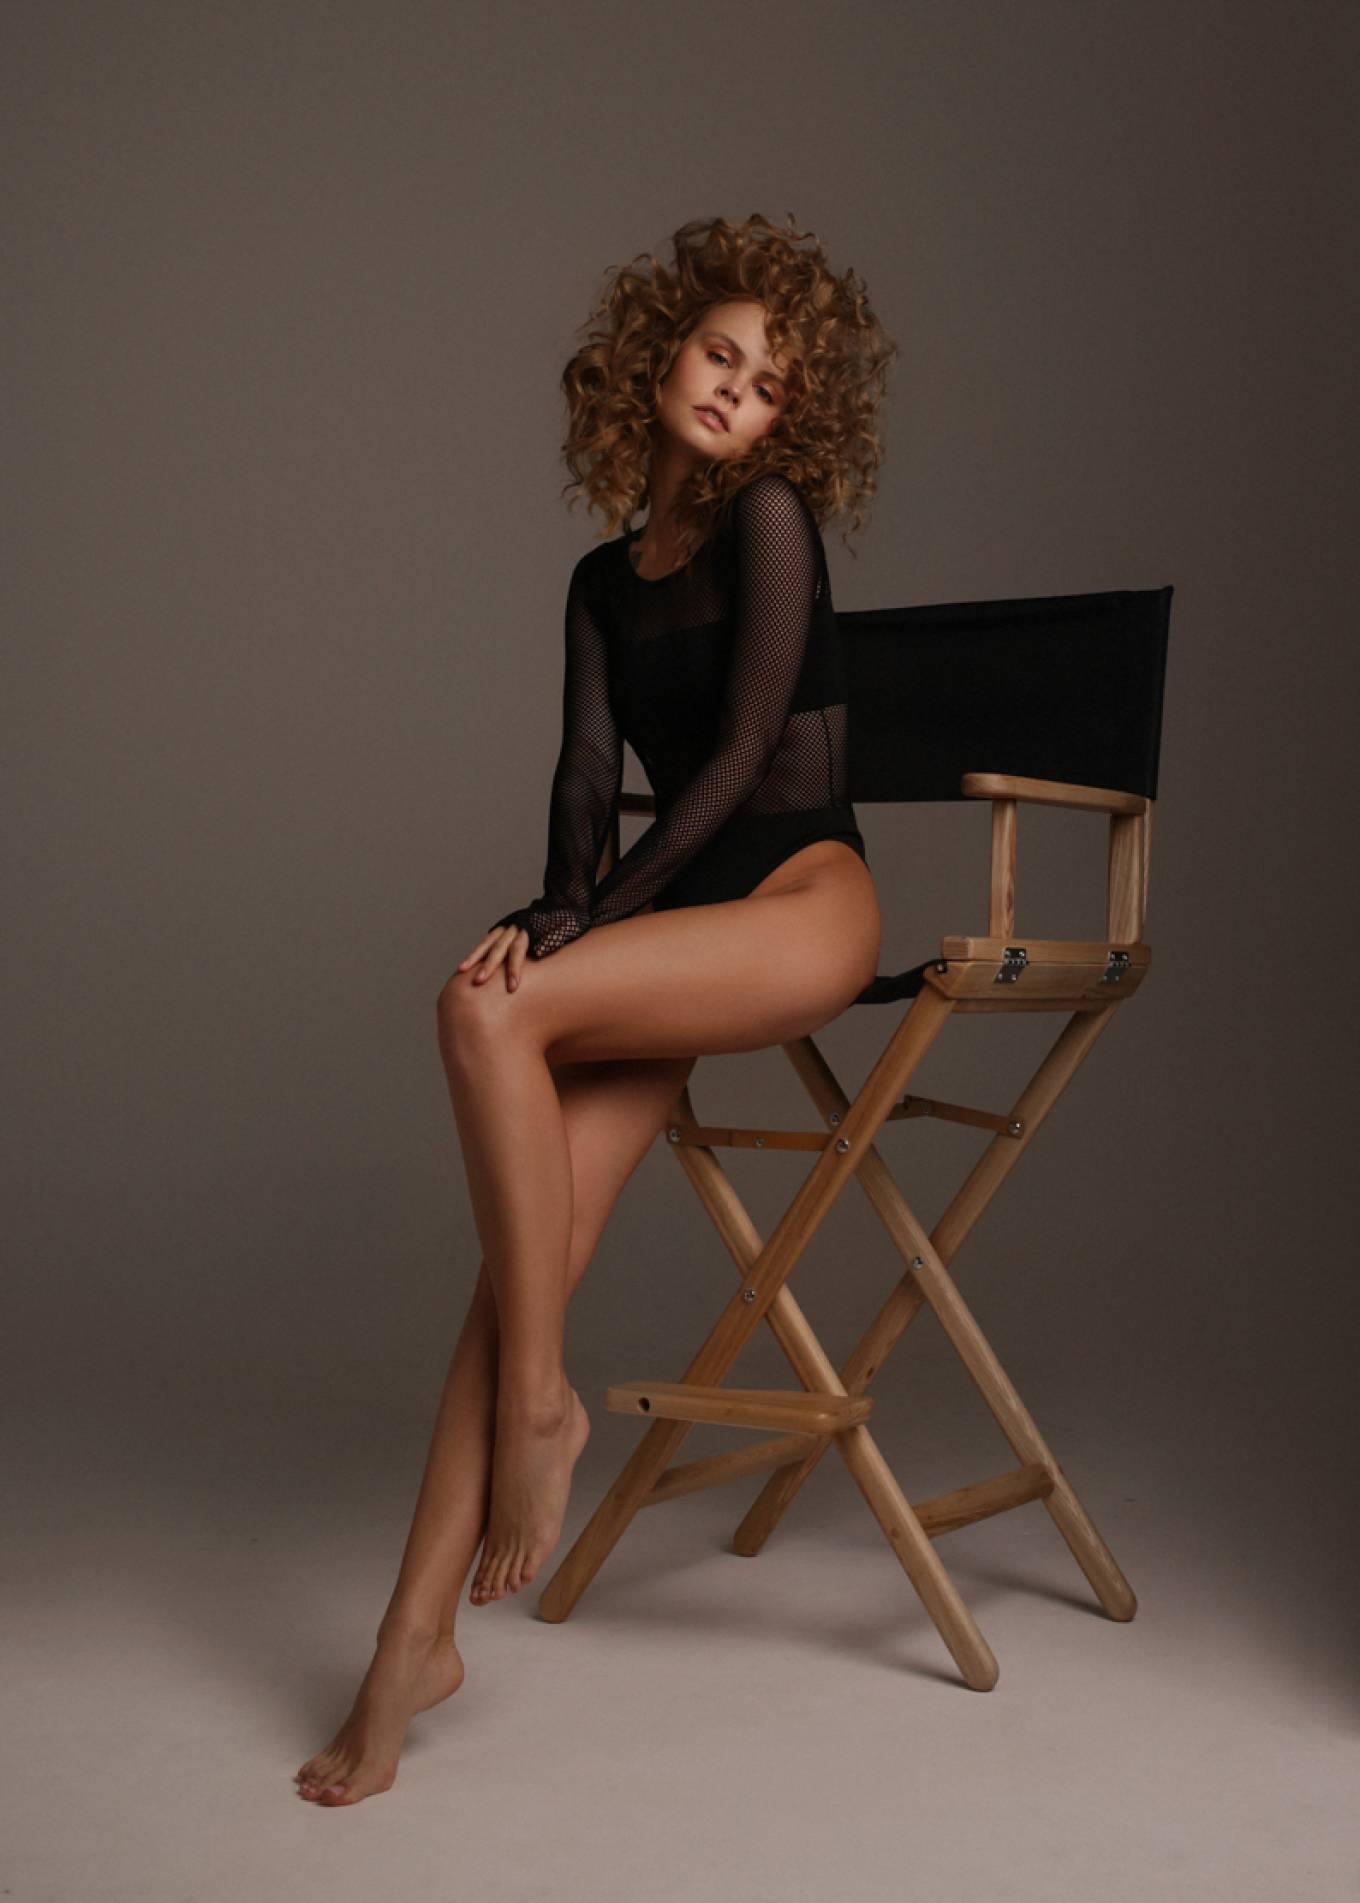 Anastasiya Scheglova – Sexy Body In Beautiful Photoshoot By Tonya Kochneva 0017